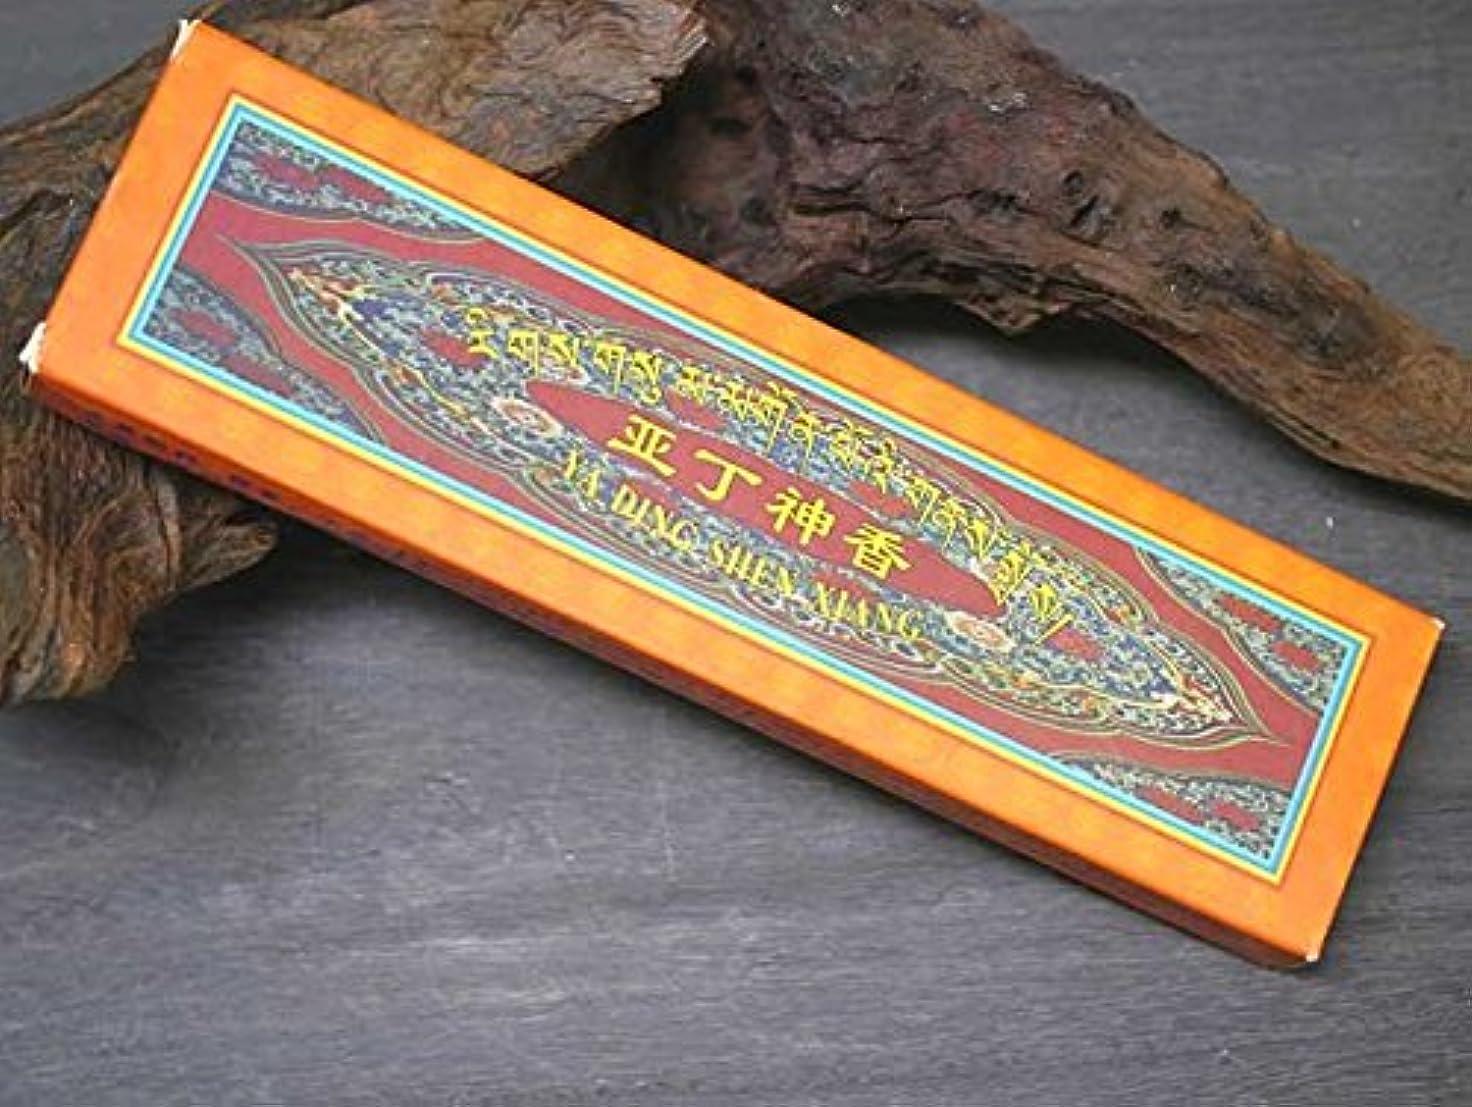 ゆるく王室老人中国香 甘孜チベット自治州のお香【丁神香】